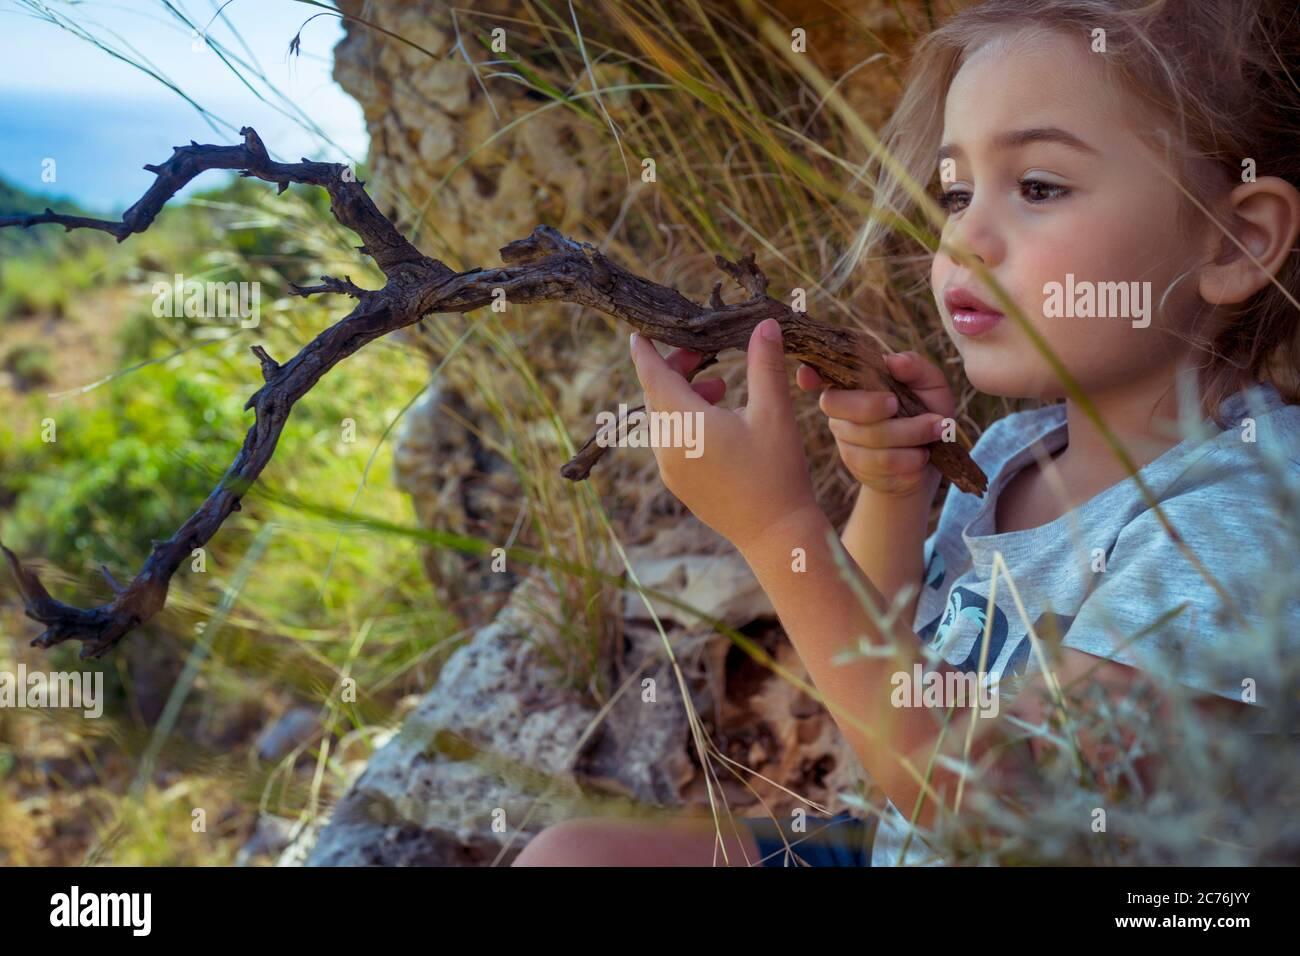 Portrait d'un petit garçon mignon jouant dans la forêt avec Magic Stick. Imagination d'un petit enfant. Enfant jouant son propre jeu. Bonne enfance de Carefree Banque D'Images